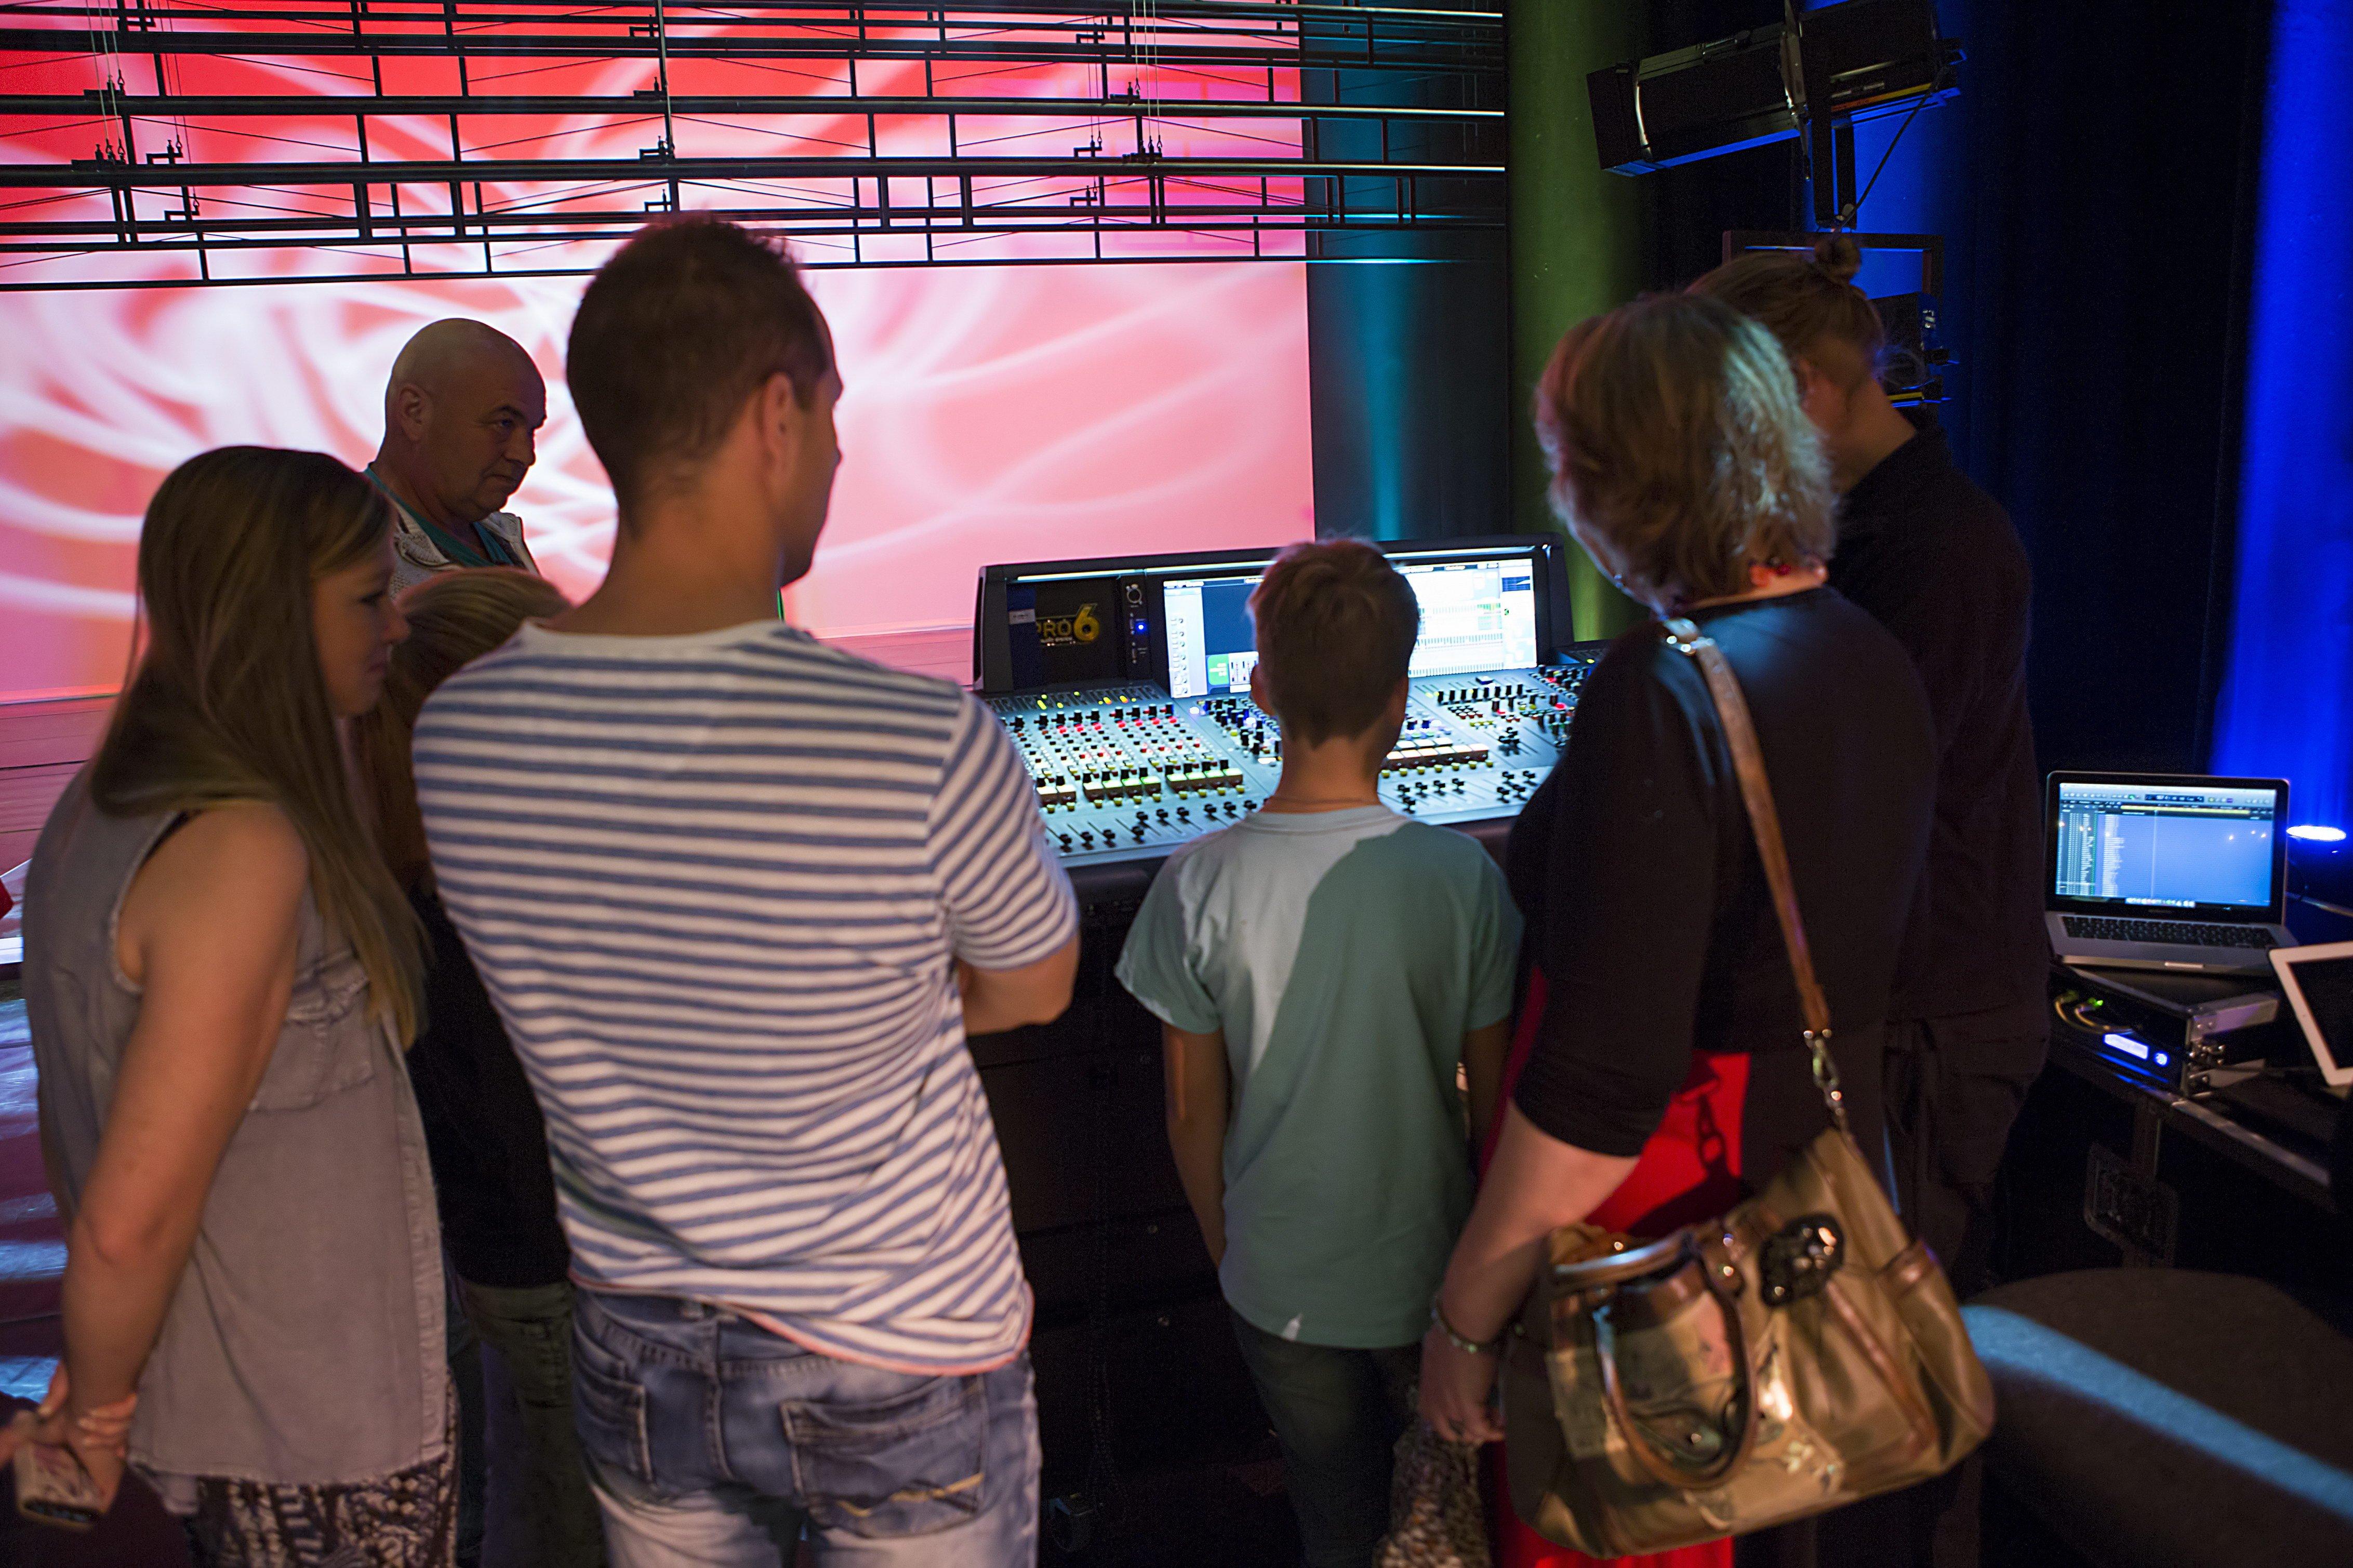 Kijkje achter de schermen in een theater